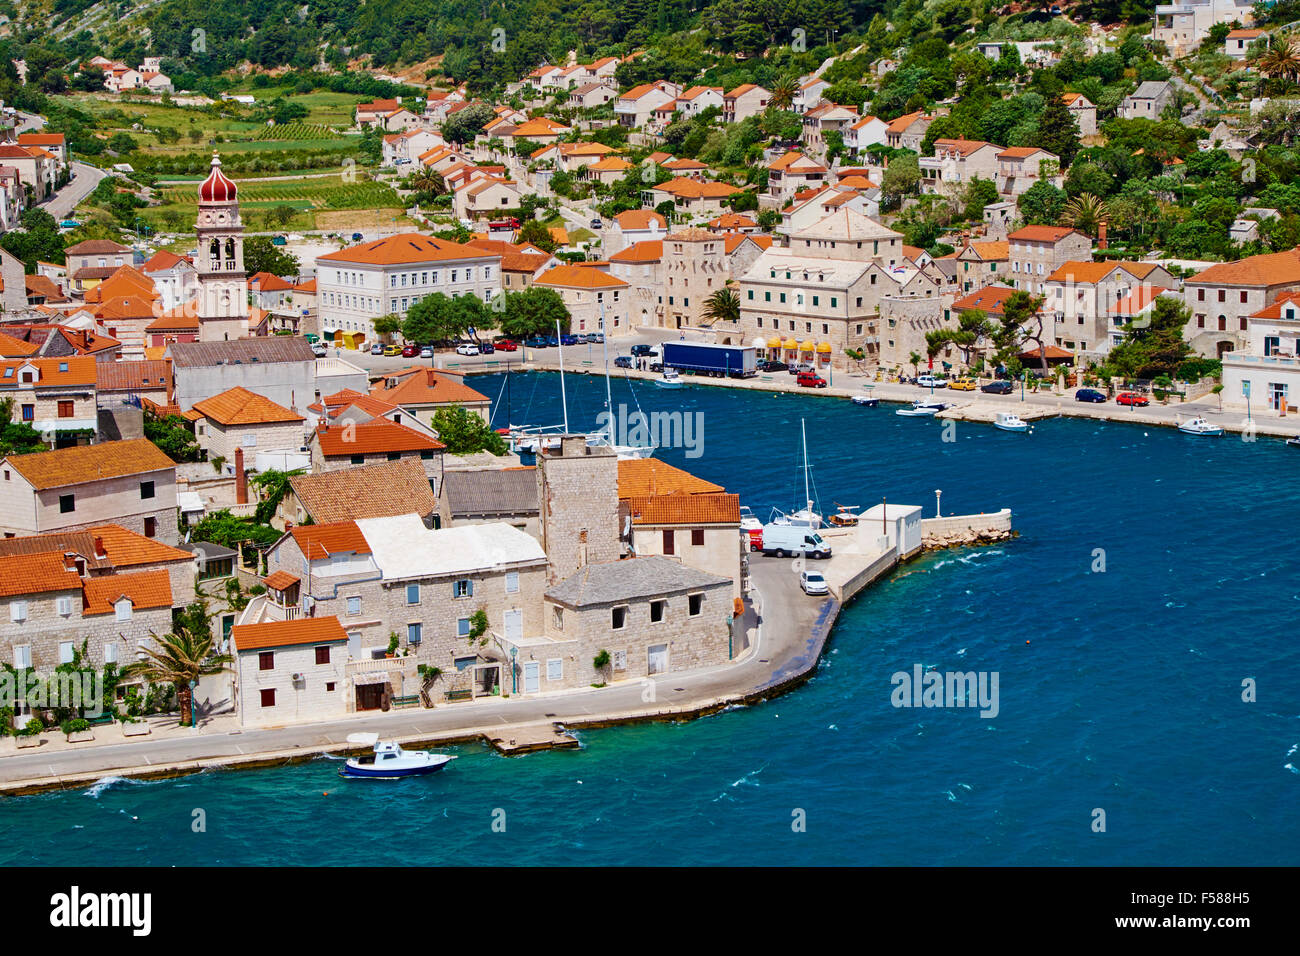 Croazia, Dalmazia, isola di Brac, Pucisca village Immagini Stock